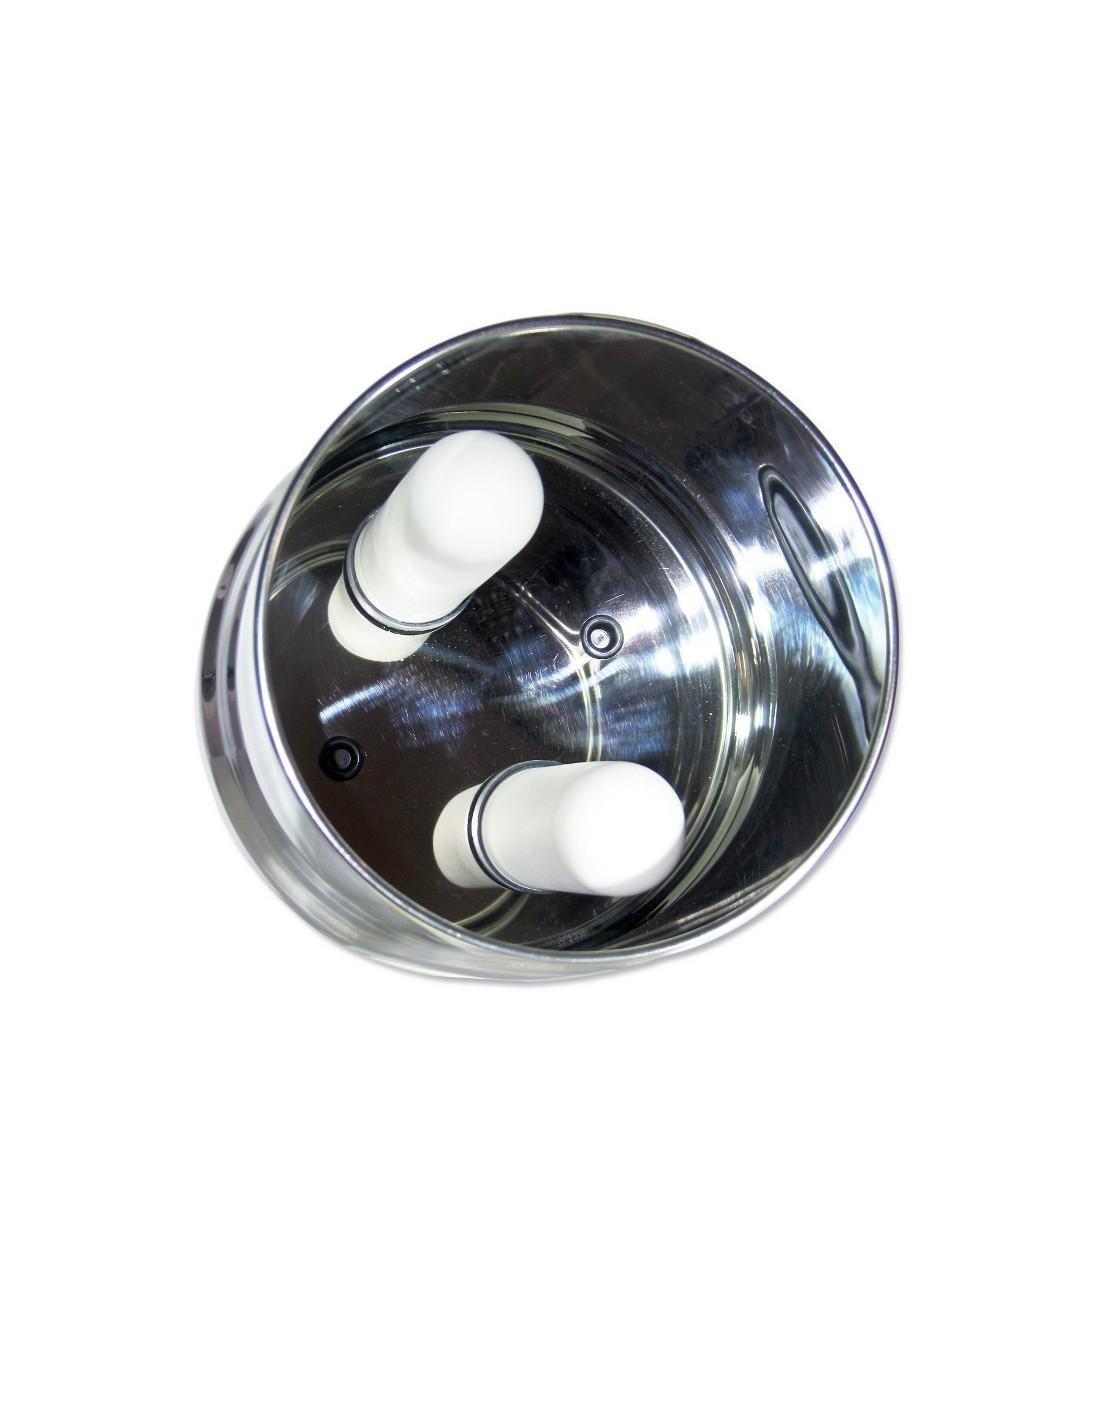 gravitations wasserfilter filtert wasser nur mit schwerekraft ohne strom und wasserdruck. Black Bedroom Furniture Sets. Home Design Ideas